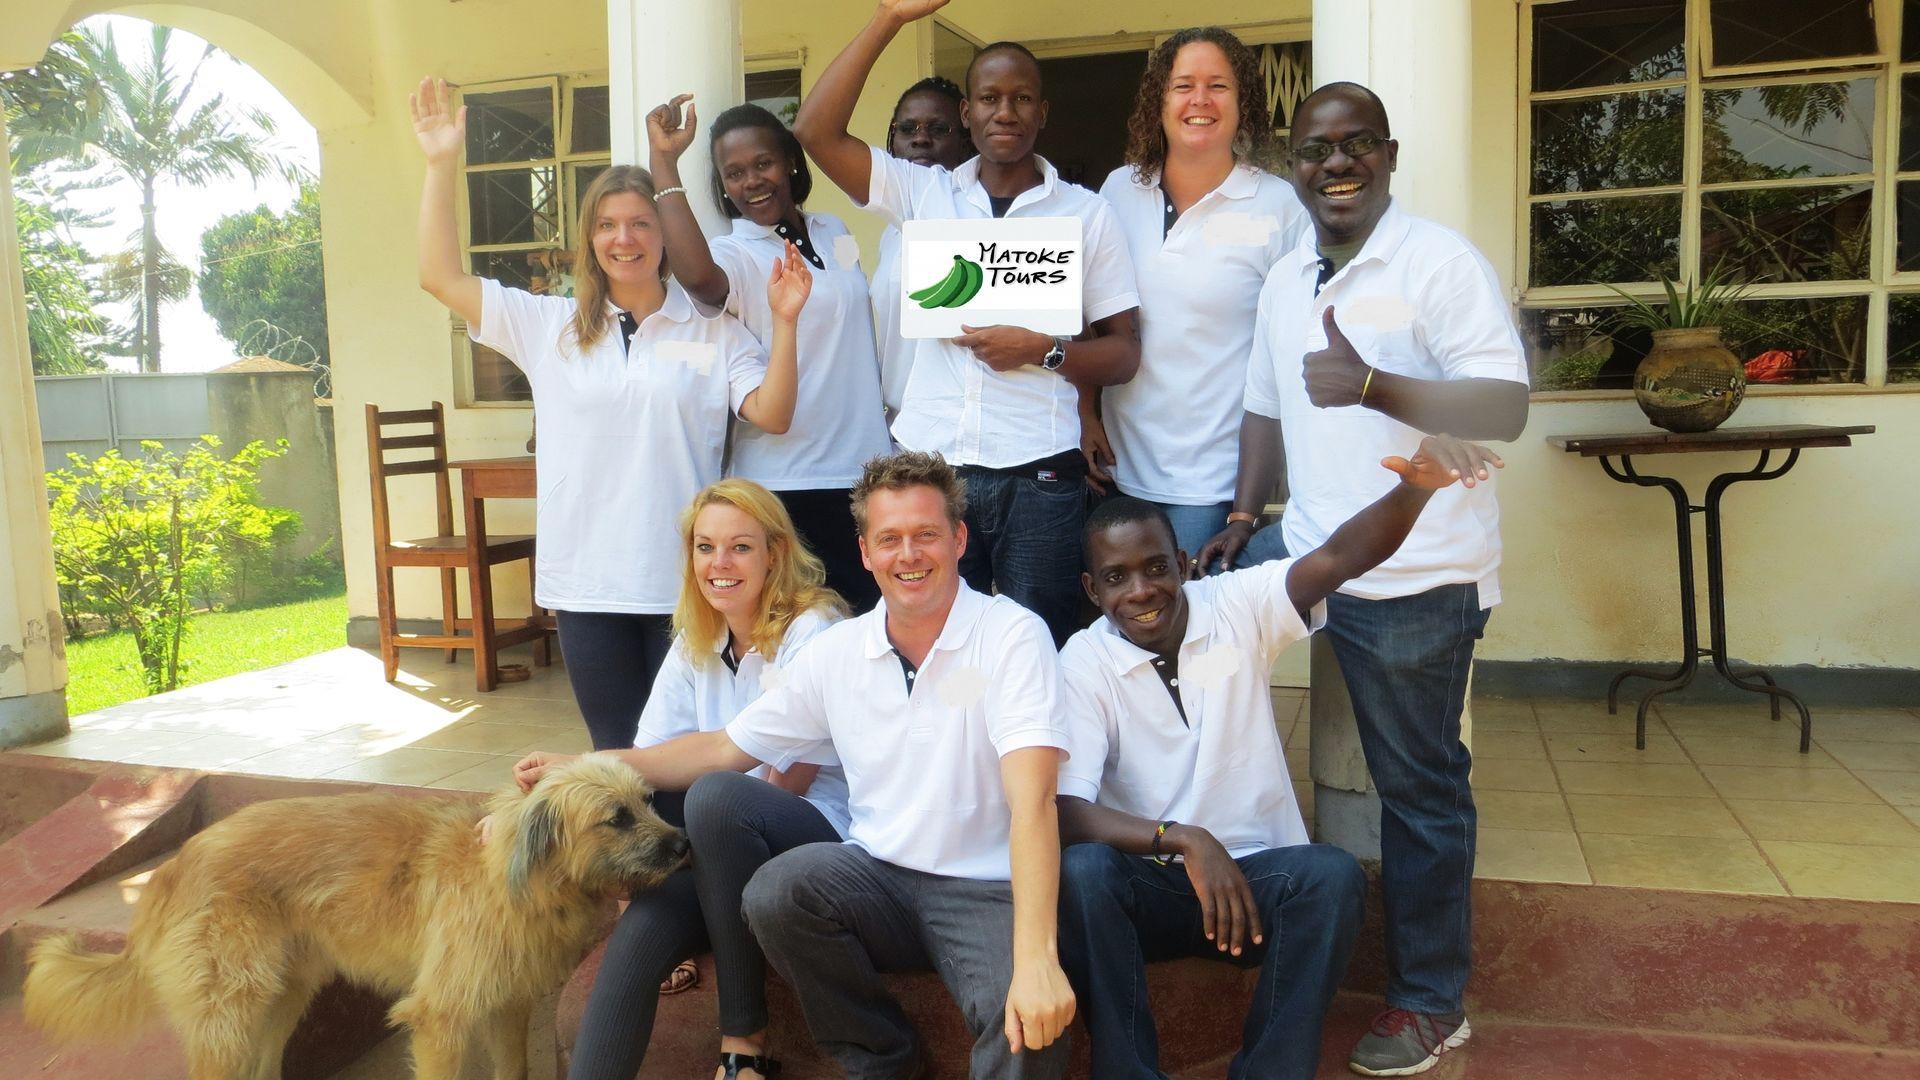 Duurzaam op reis naar Oeganda met Matoke Tours